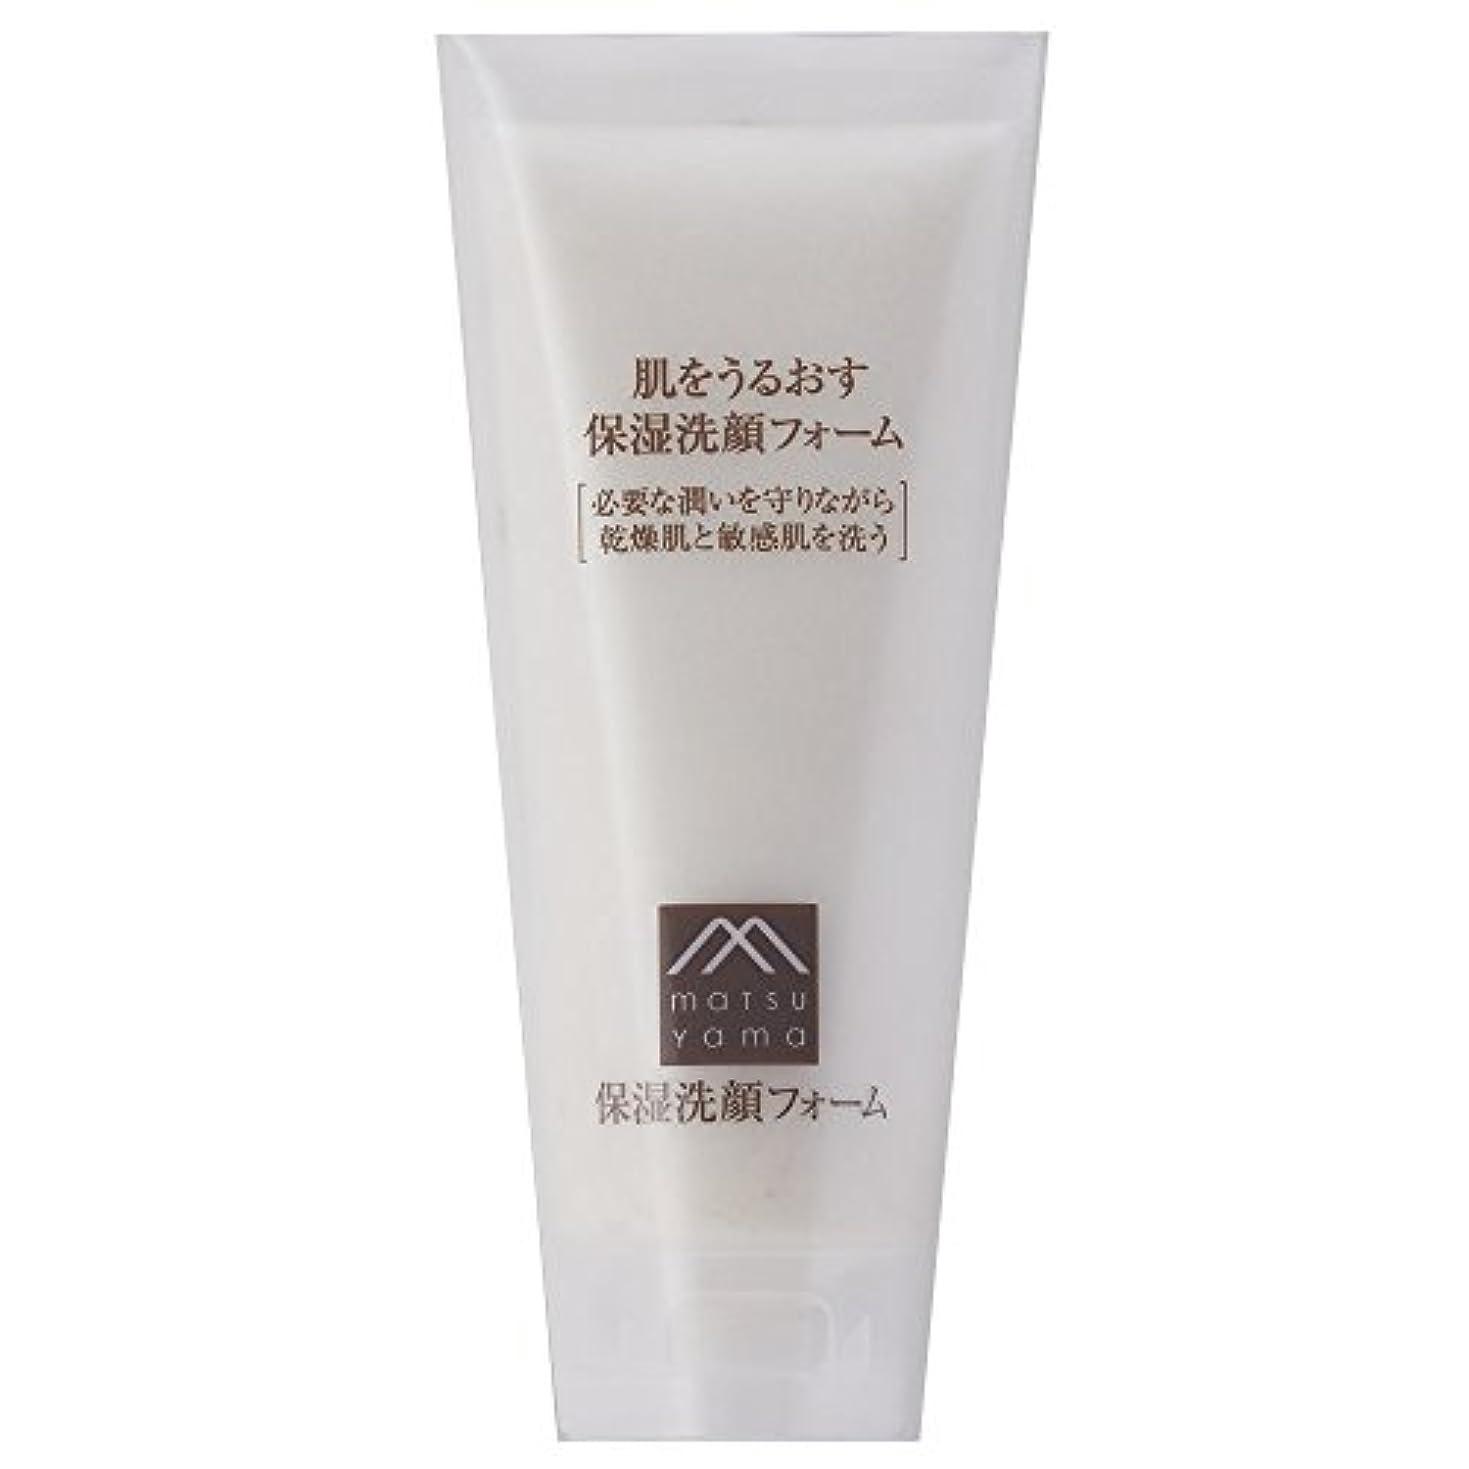 カフェテリア欠陥さわやか肌をうるおす保湿洗顔フォーム(洗顔料) [乾燥肌 敏感肌]